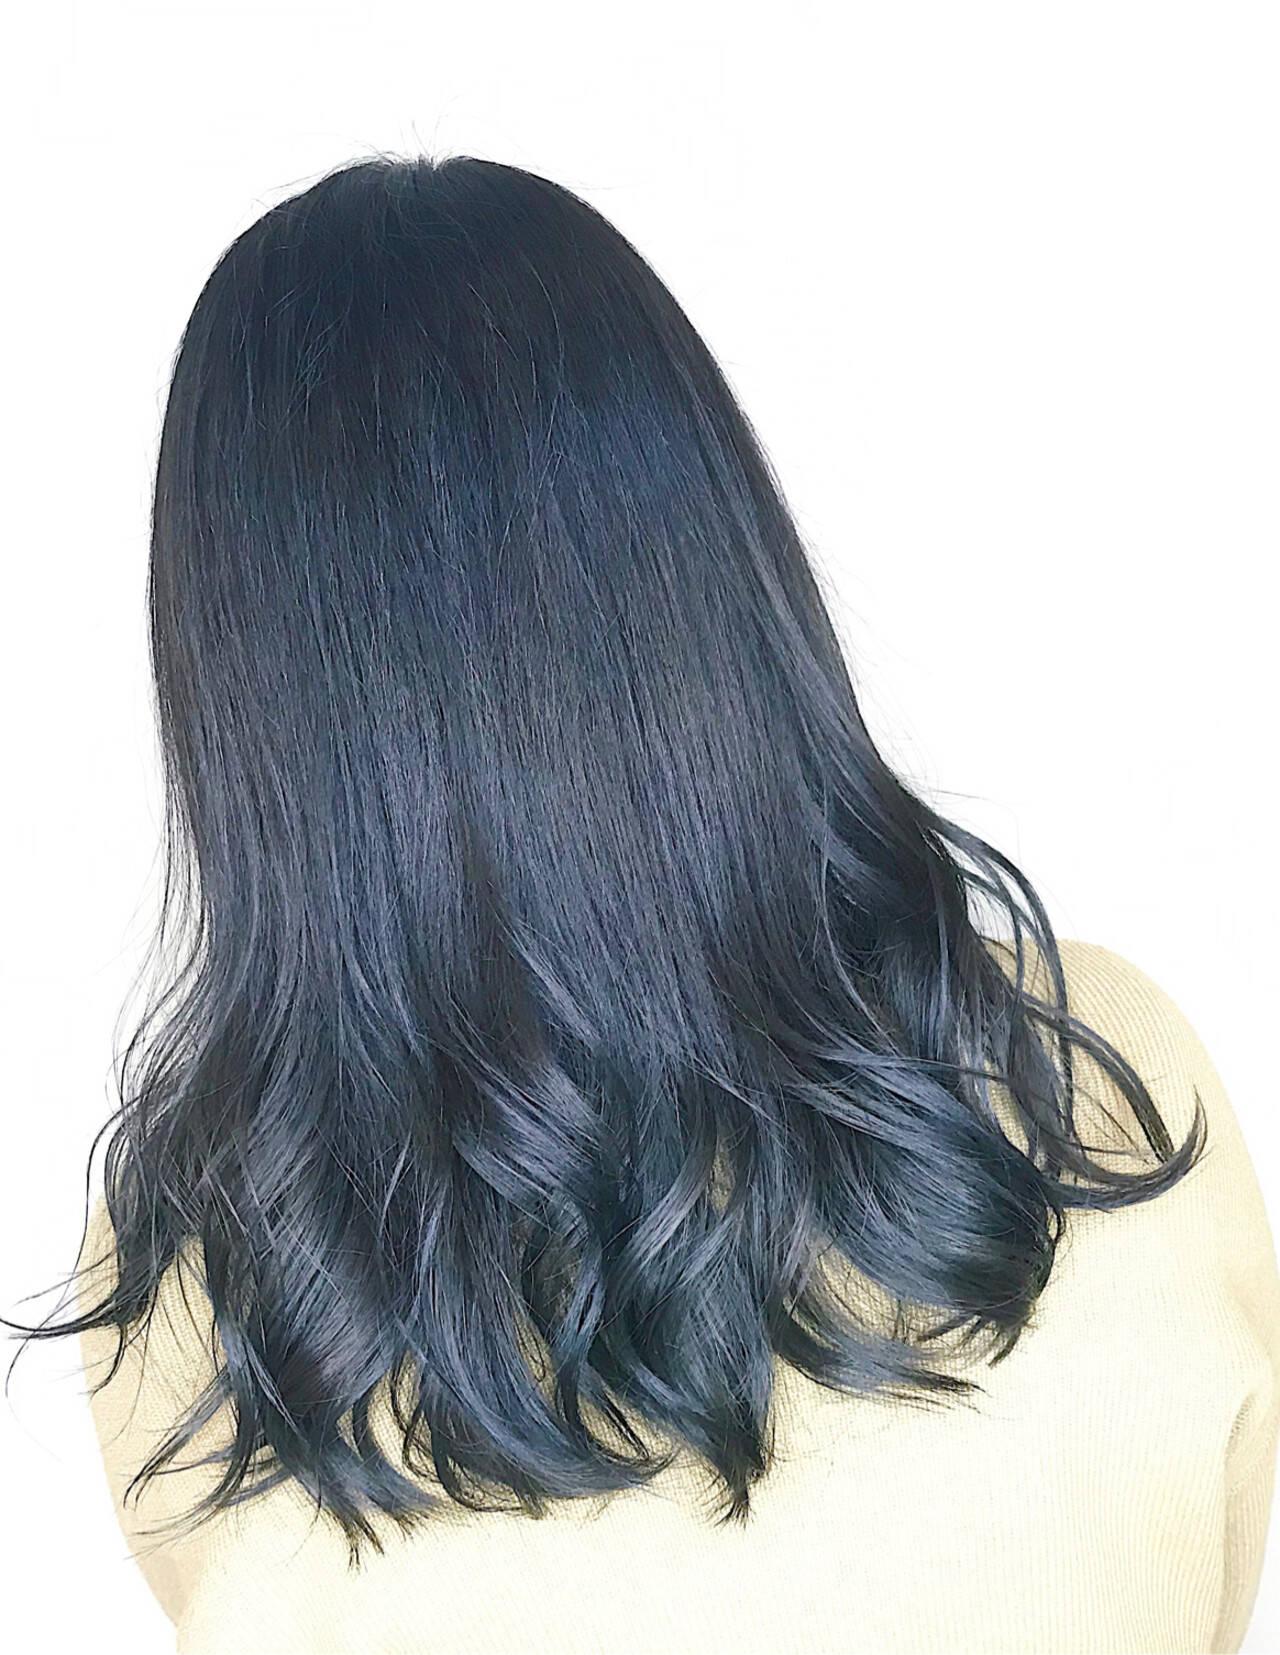 ナチュラル ネイビー ブルーブラック ネイビーブルーヘアスタイルや髪型の写真・画像